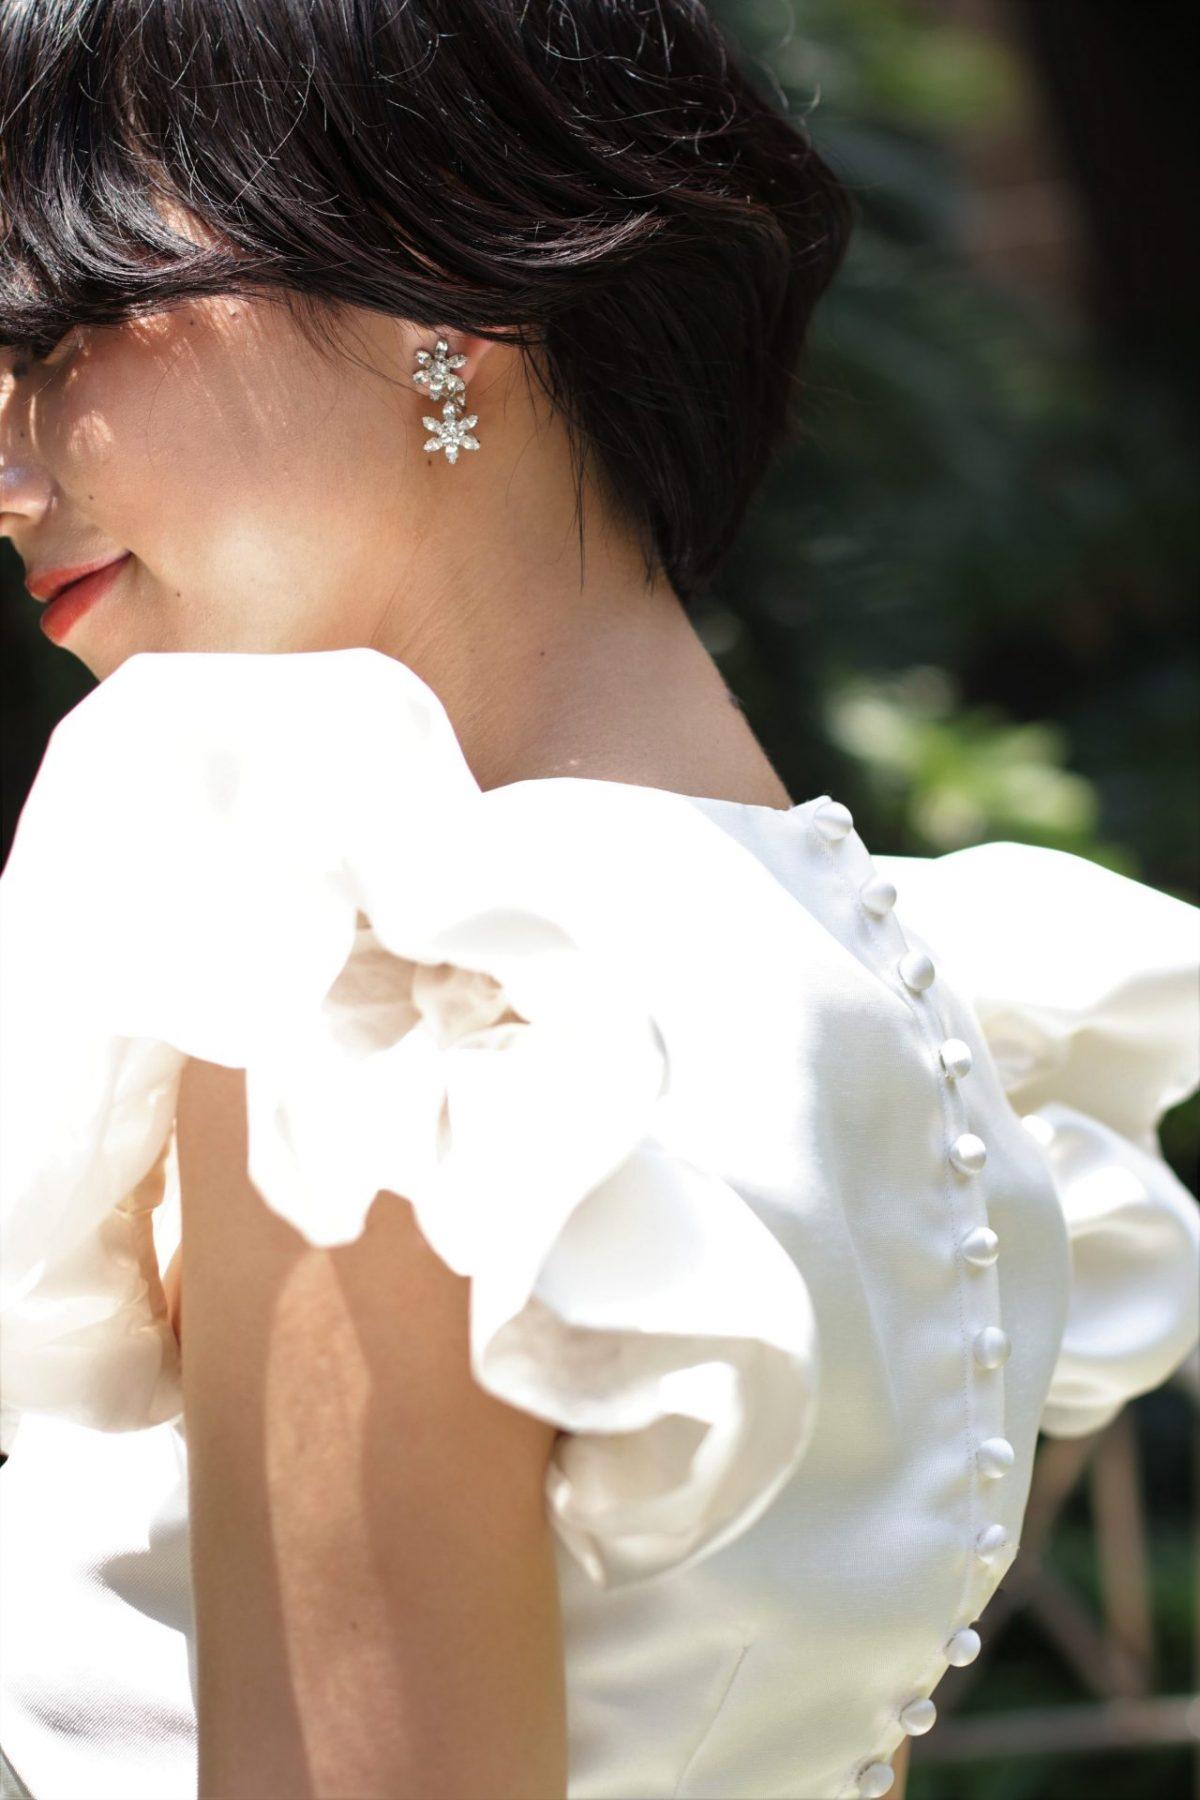 トレンドの肩付きのウェディングドレスは顔周りを華やかに見せるので、コーディネートはイヤリングやヘアスタイルはシンプルにまとめたり、ショートヘアの花嫁様にもお勧めです